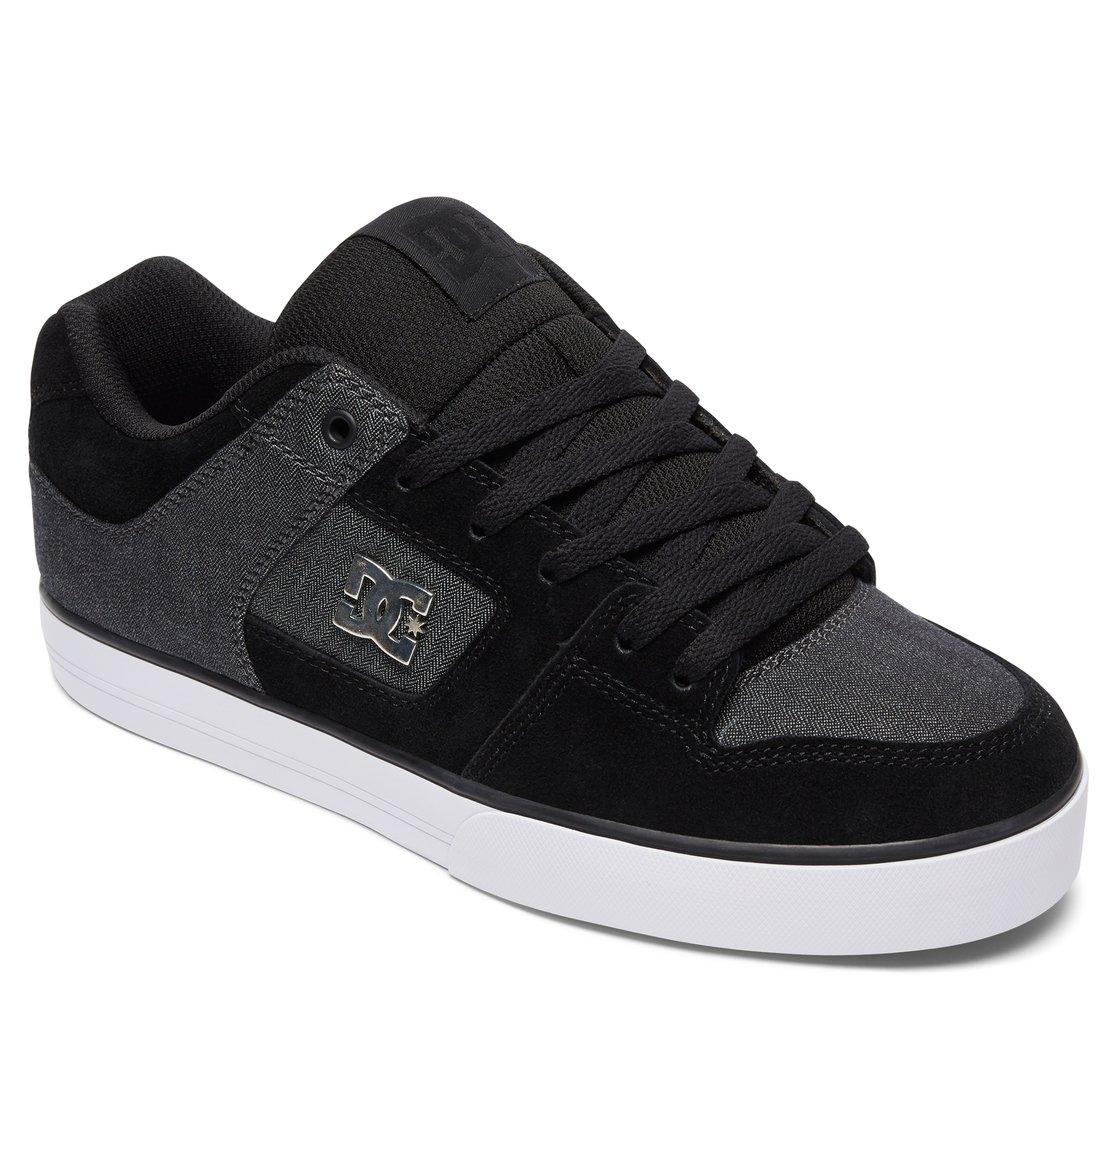 pure se - baskets 301024 | dc shoes